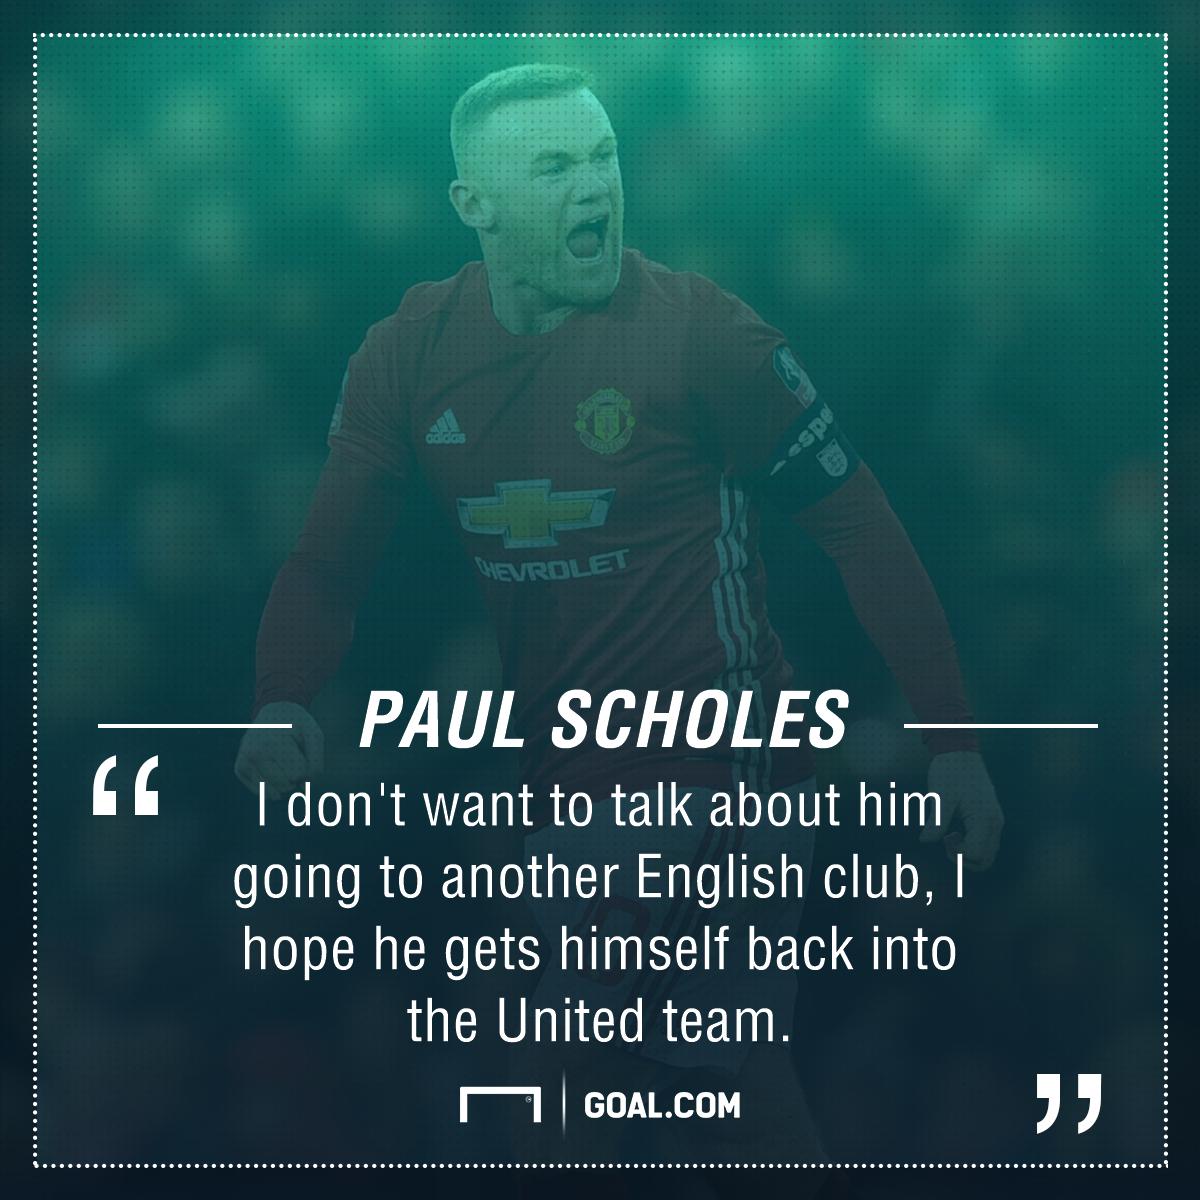 Paul Scholes Wayne Rooney